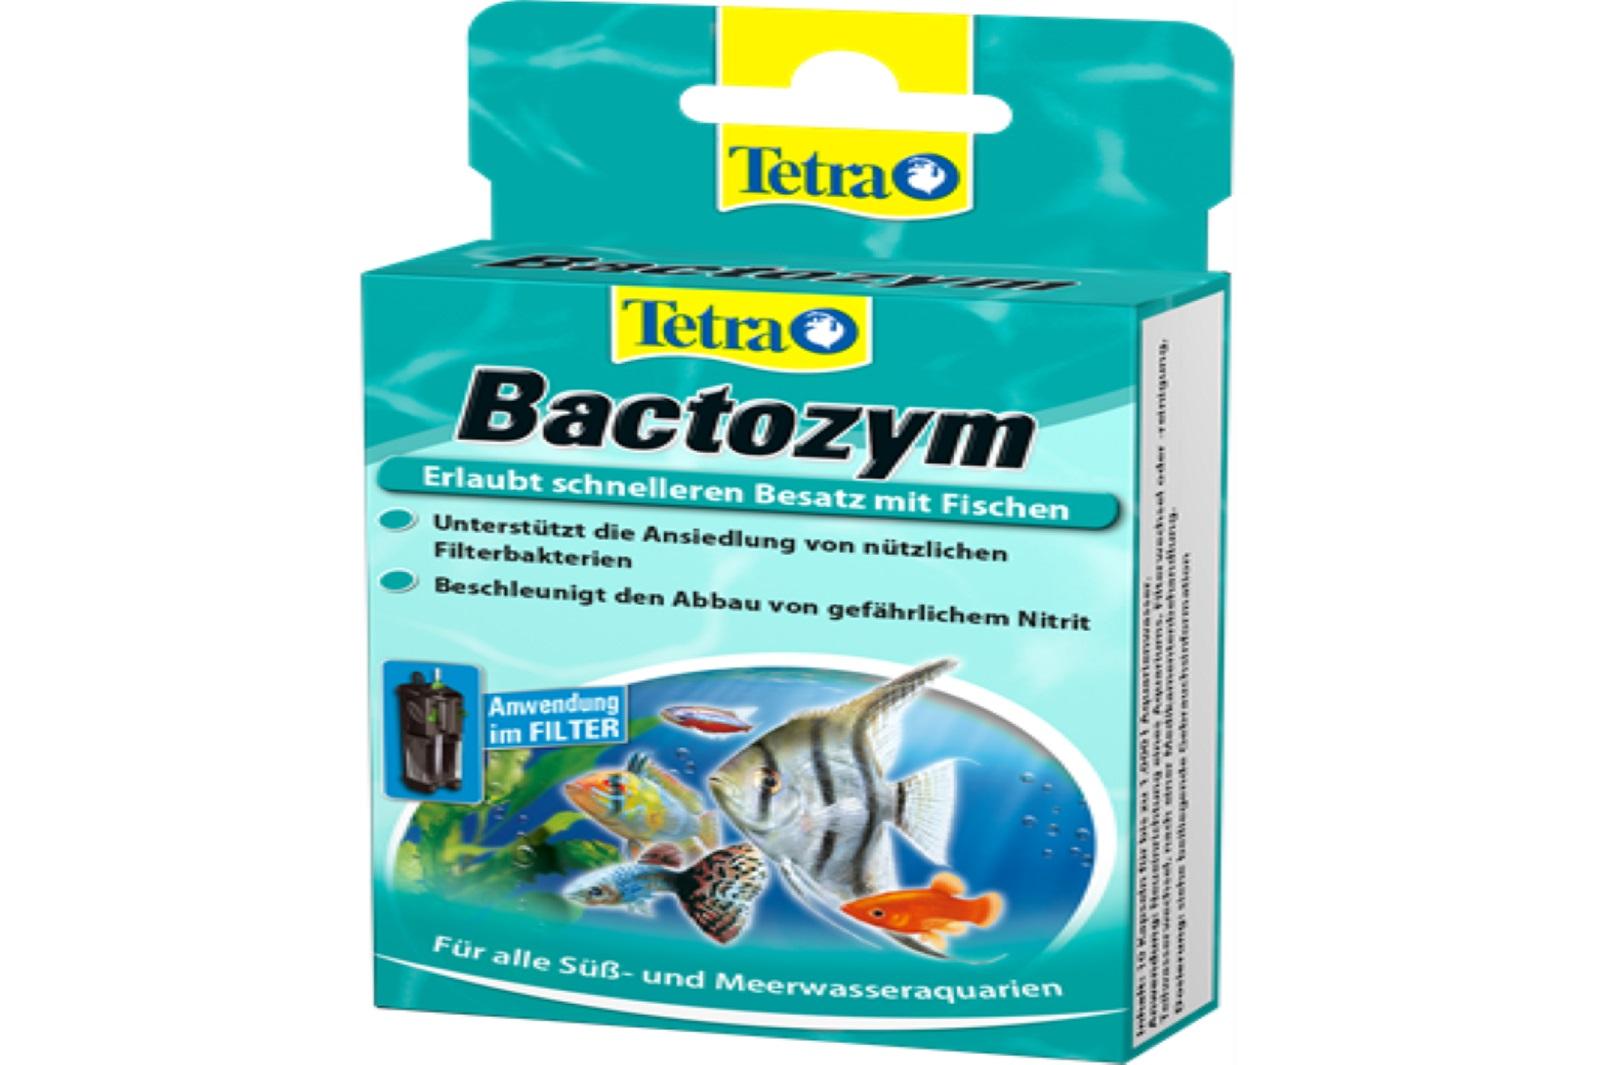 Tetra  Bactozym 10 Kapseln Bioaktivität in Filter und Aquarium Wasserpflege